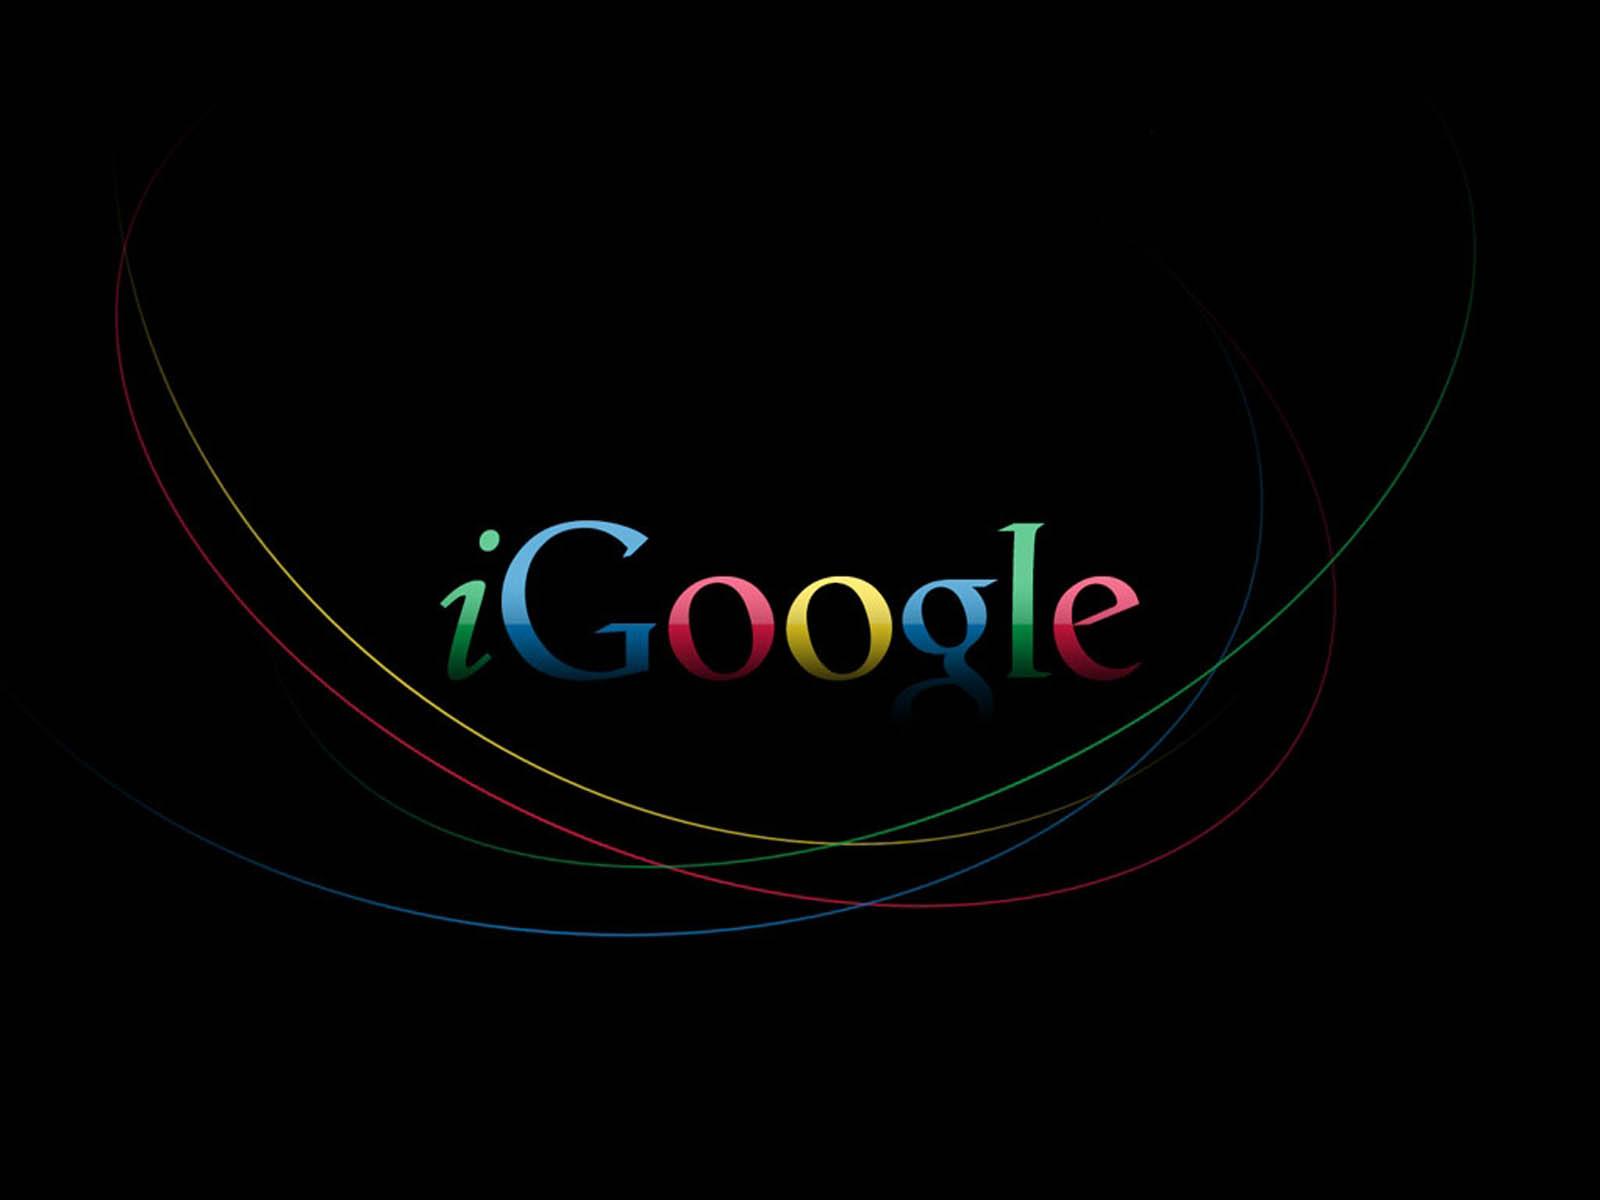 http://4.bp.blogspot.com/-hRslFB7Bu0c/UEyxDDj_3GI/AAAAAAAAJbw/A1UhNJv11jM/s1600/Google%252BBackgrounds%252BAnd%252BWallpapers%252B2.jpg